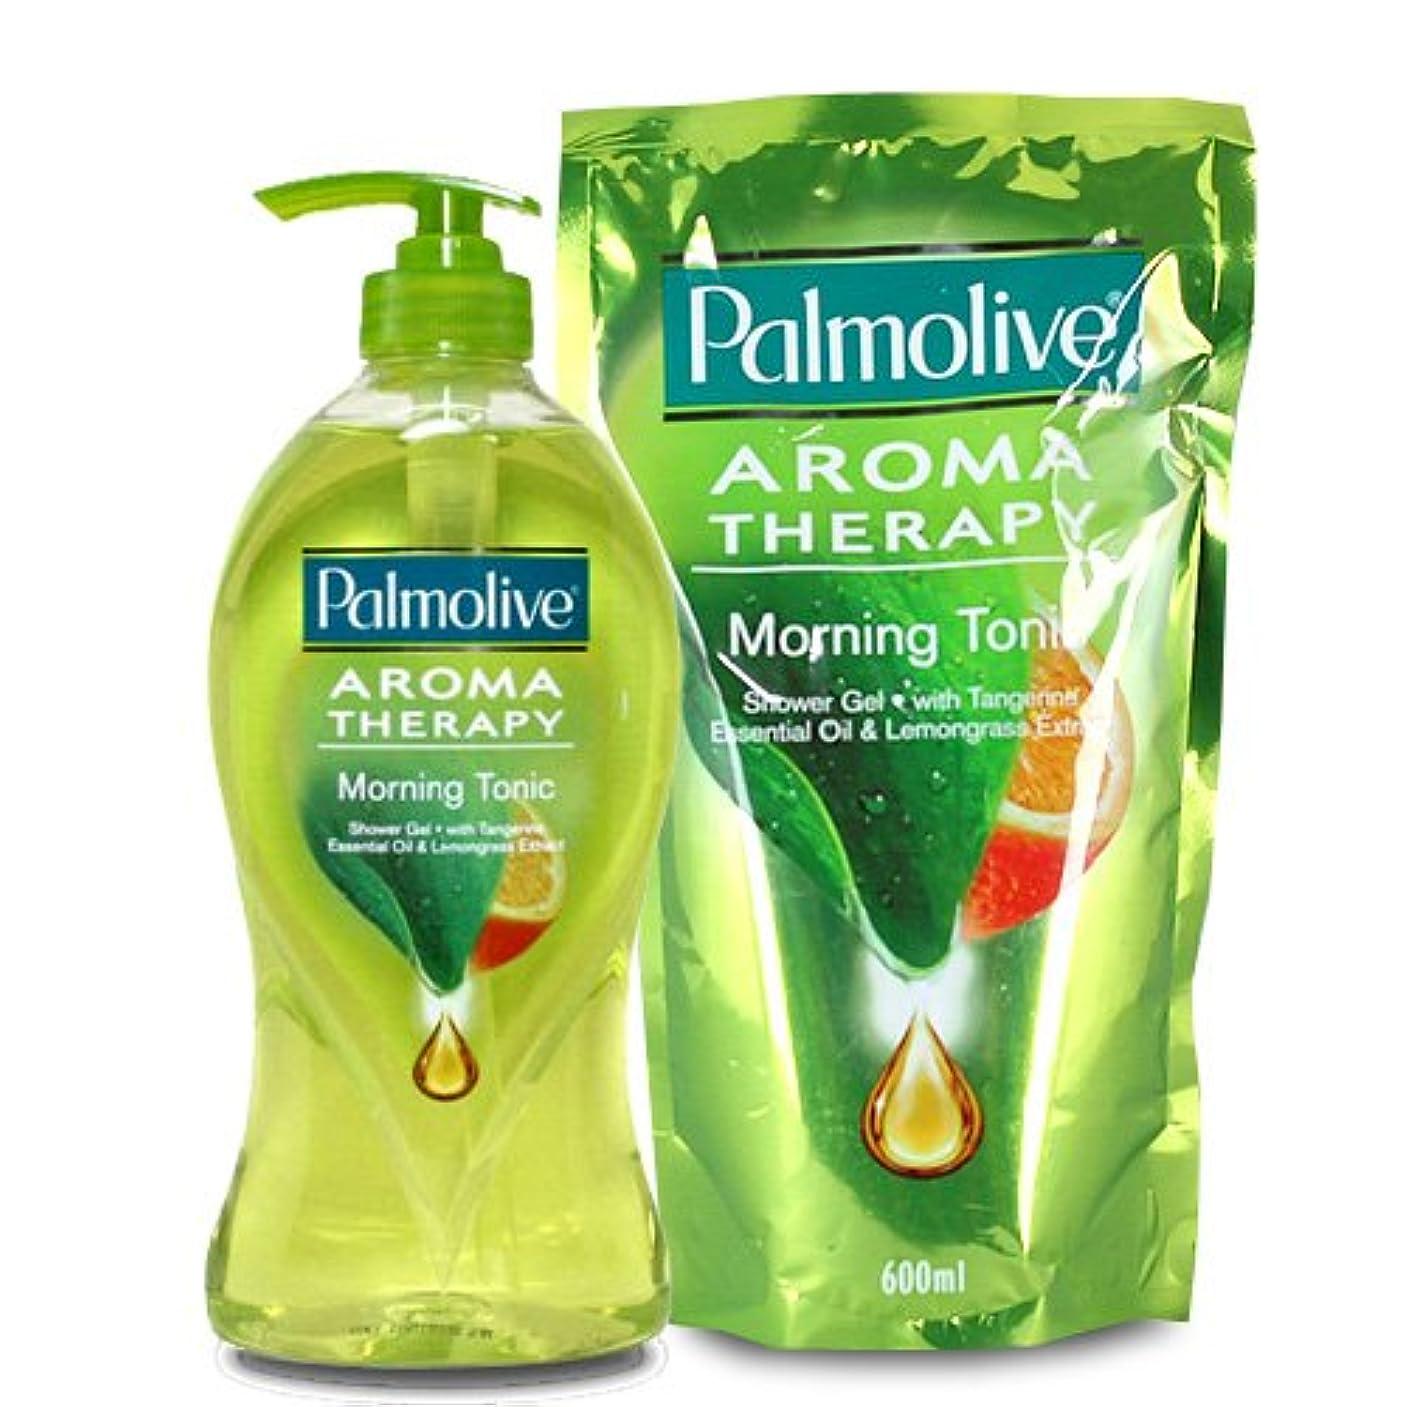 青青かりて【Palmolive】パルモリーブ アロマセラピーシャワージェル ボトルと詰め替えのセット (モーニングトニック)